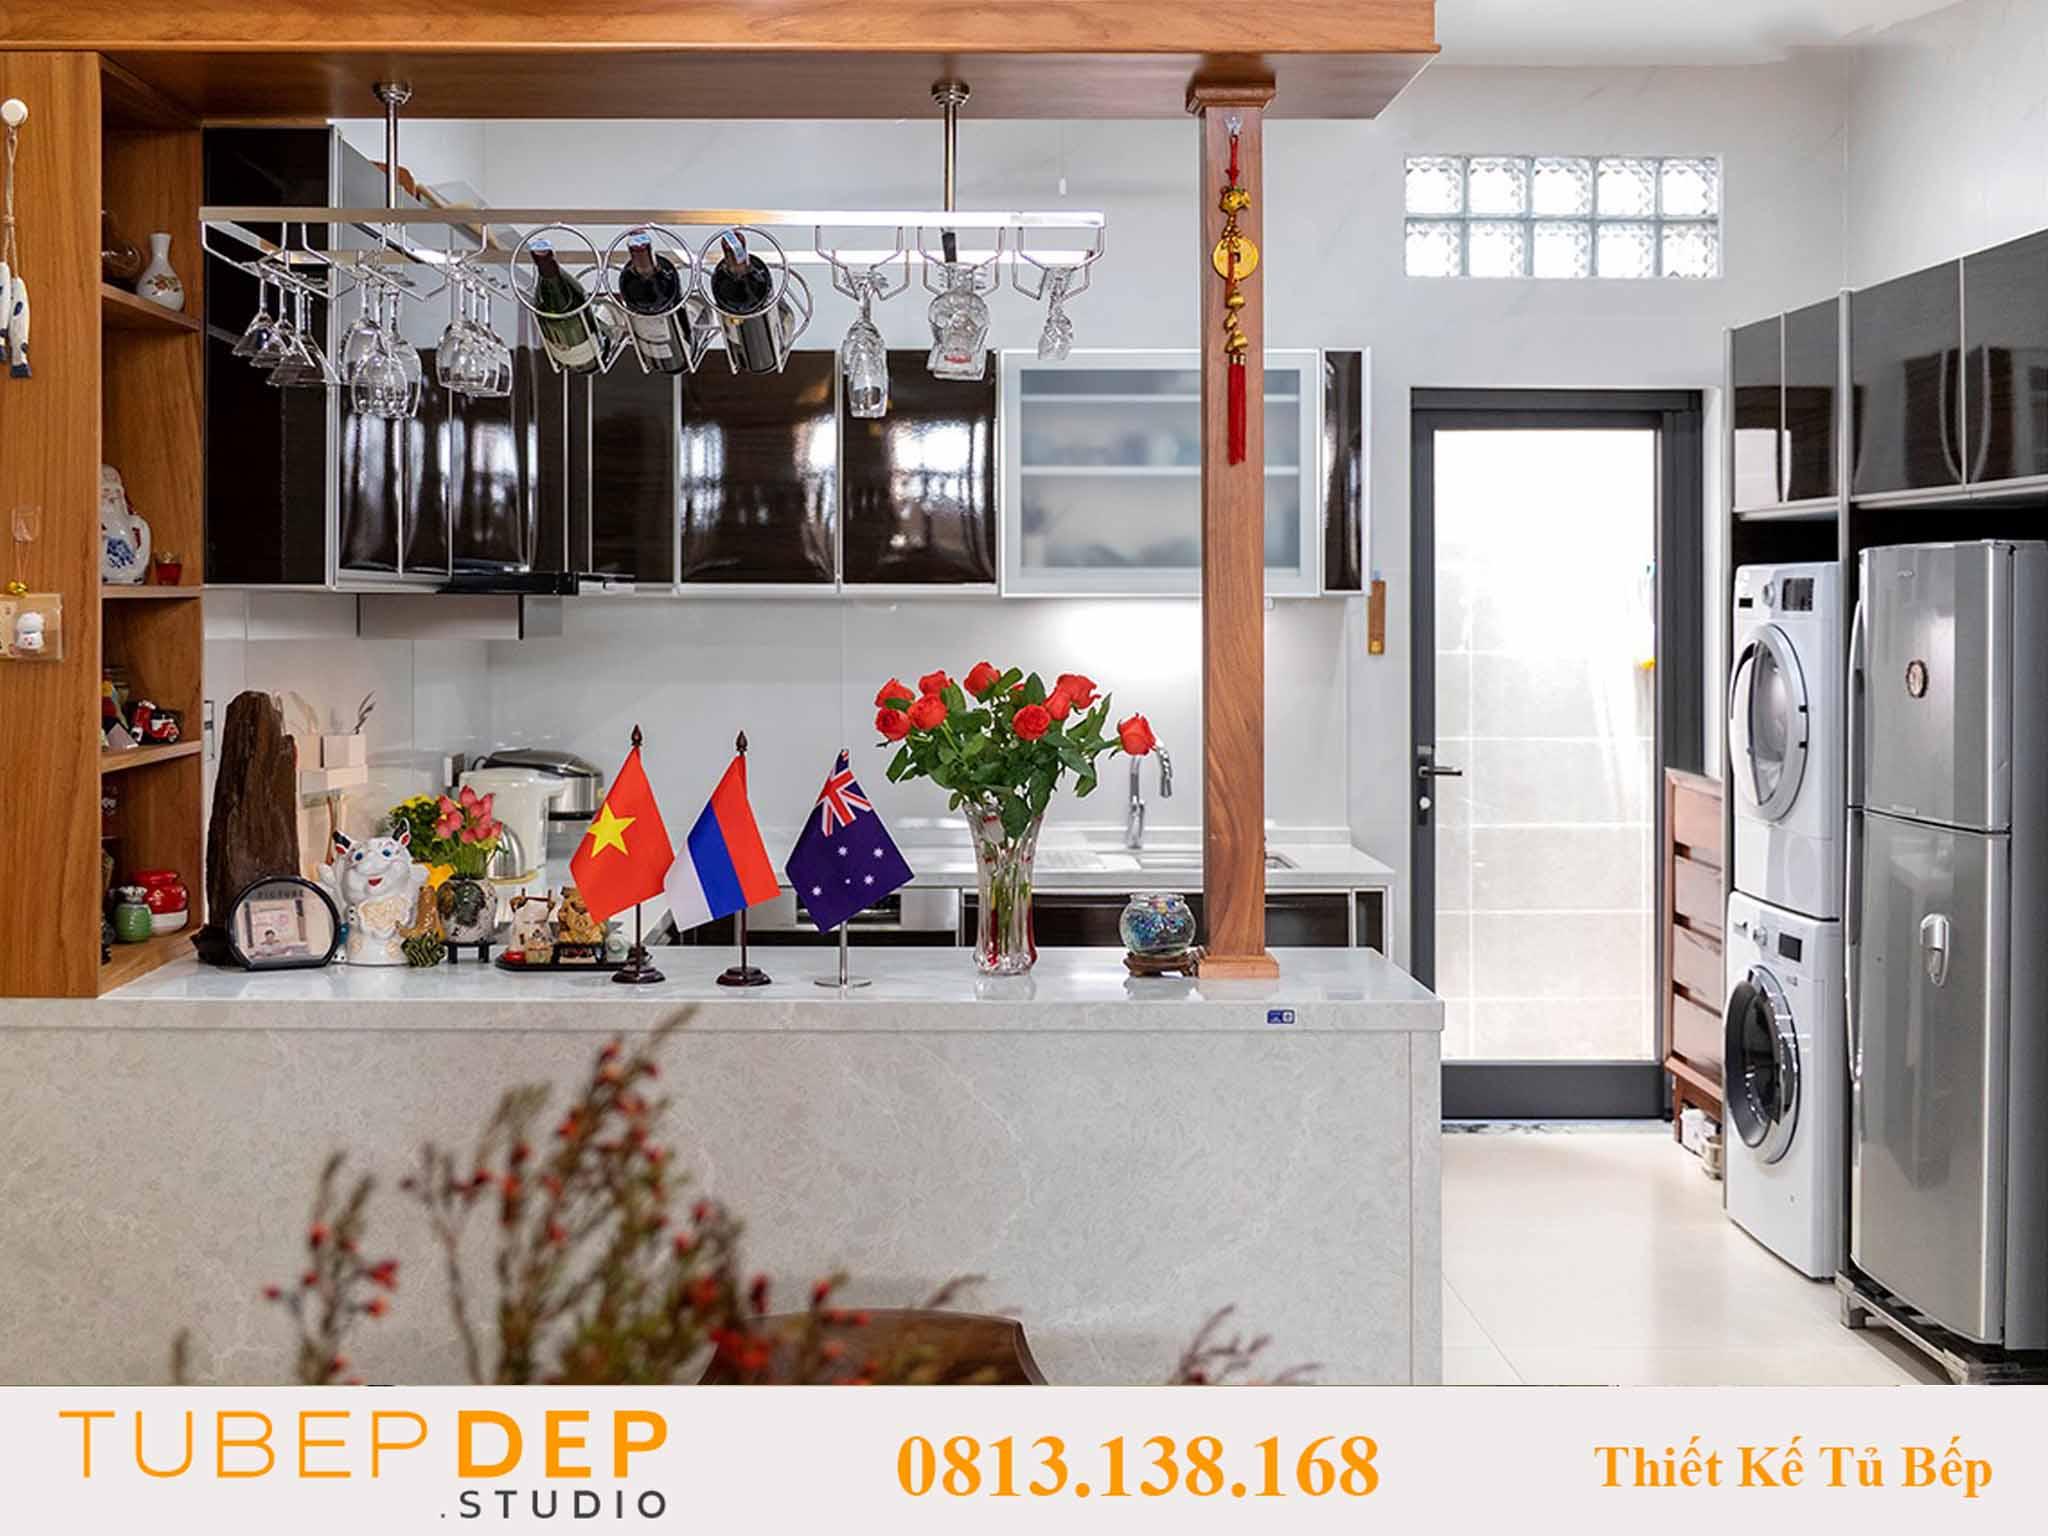 Dịch vụ thiết kế tủ bếp giá rẻ tại Quận 6